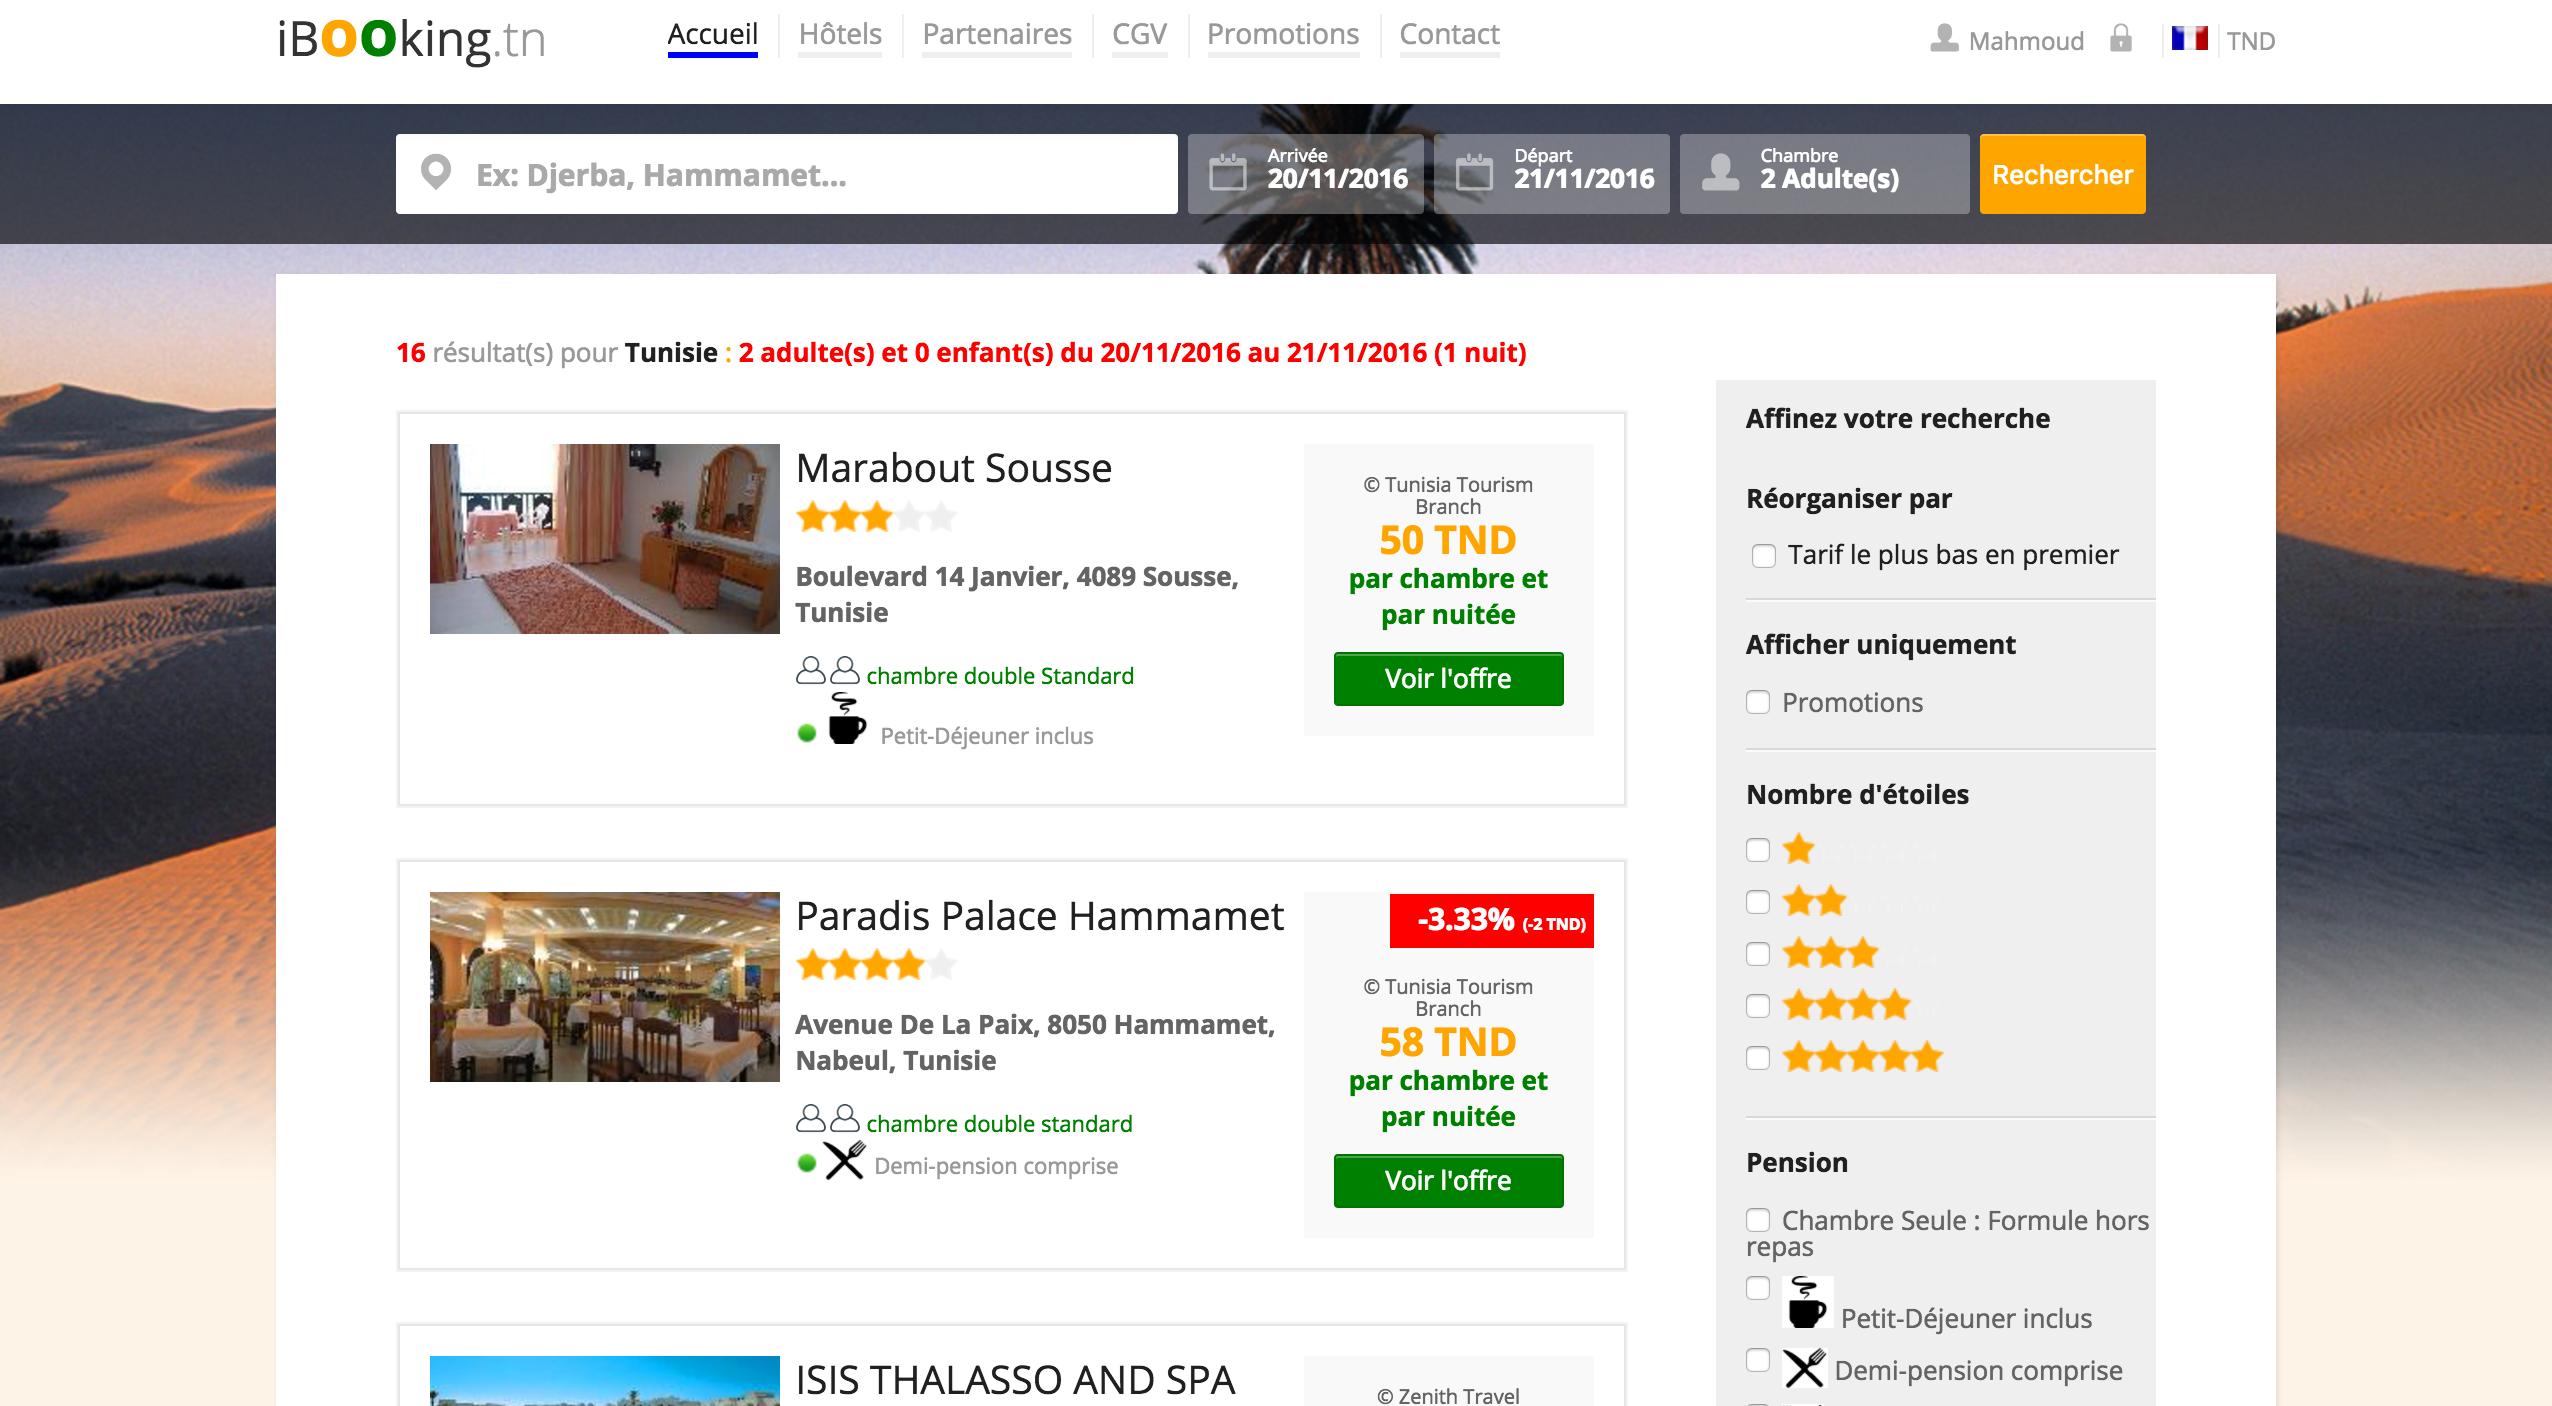 Recherchez les meilleurs h tels de tunisie au for Meilleur comparateur de prix hotel